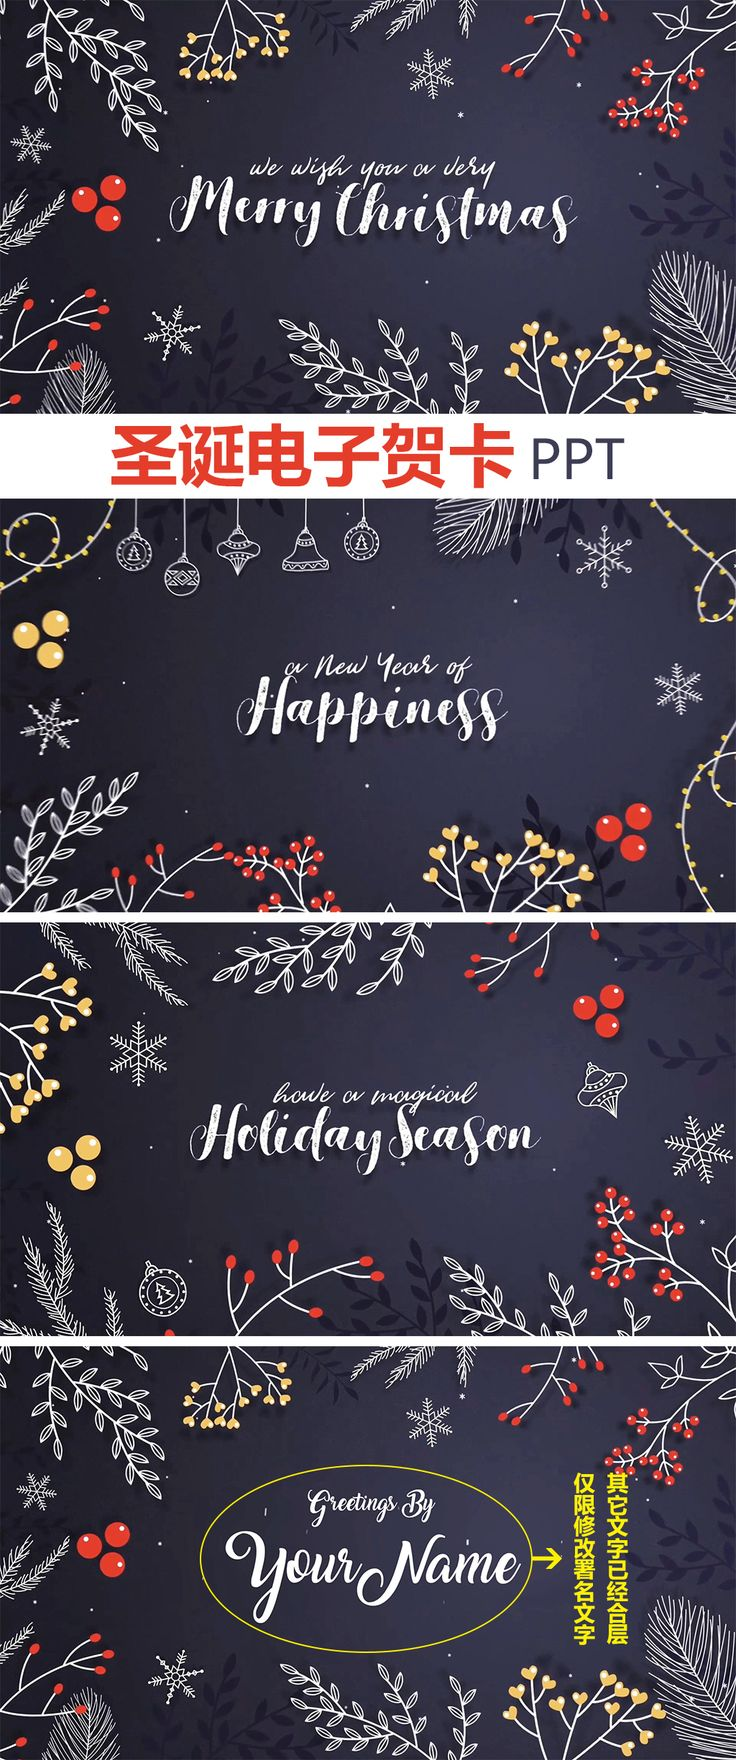 圣诞电子贺卡制作_PPT圣诞电子贺卡制作方法圣诞节祝福卡片